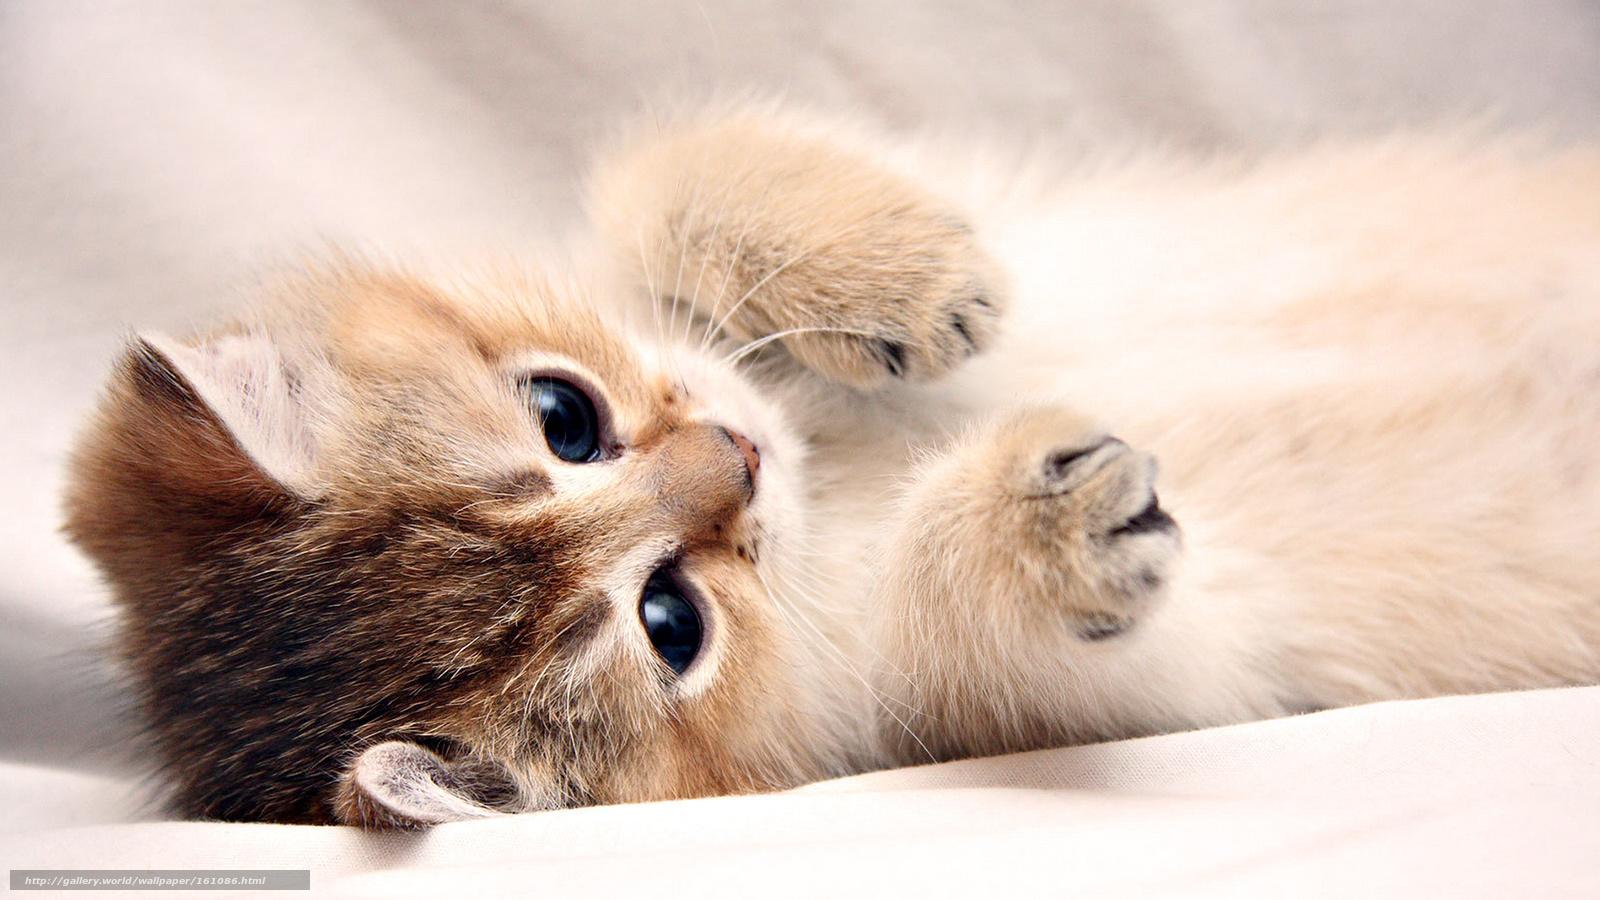 tlcharger fond d 39 ecran chaton mignon fonds d 39 ecran gratuits pour votre rsolution du bureau. Black Bedroom Furniture Sets. Home Design Ideas